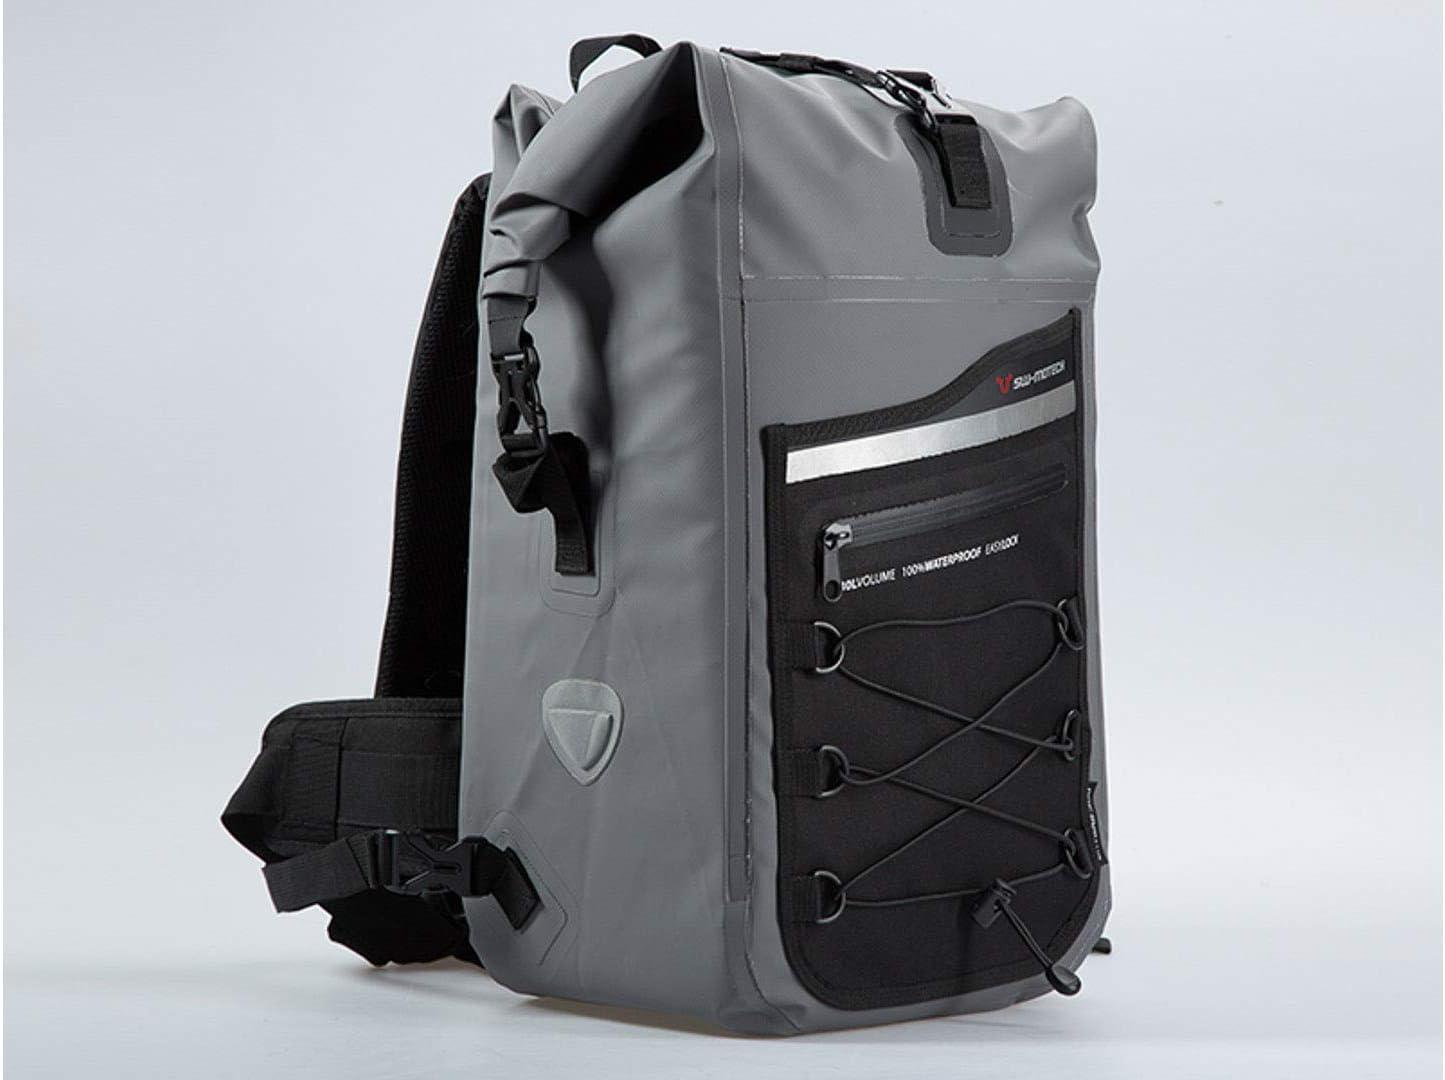 Sw Motech Drybag 300 Rucksack 30l Grau Schwarz Wasserdicht Auto